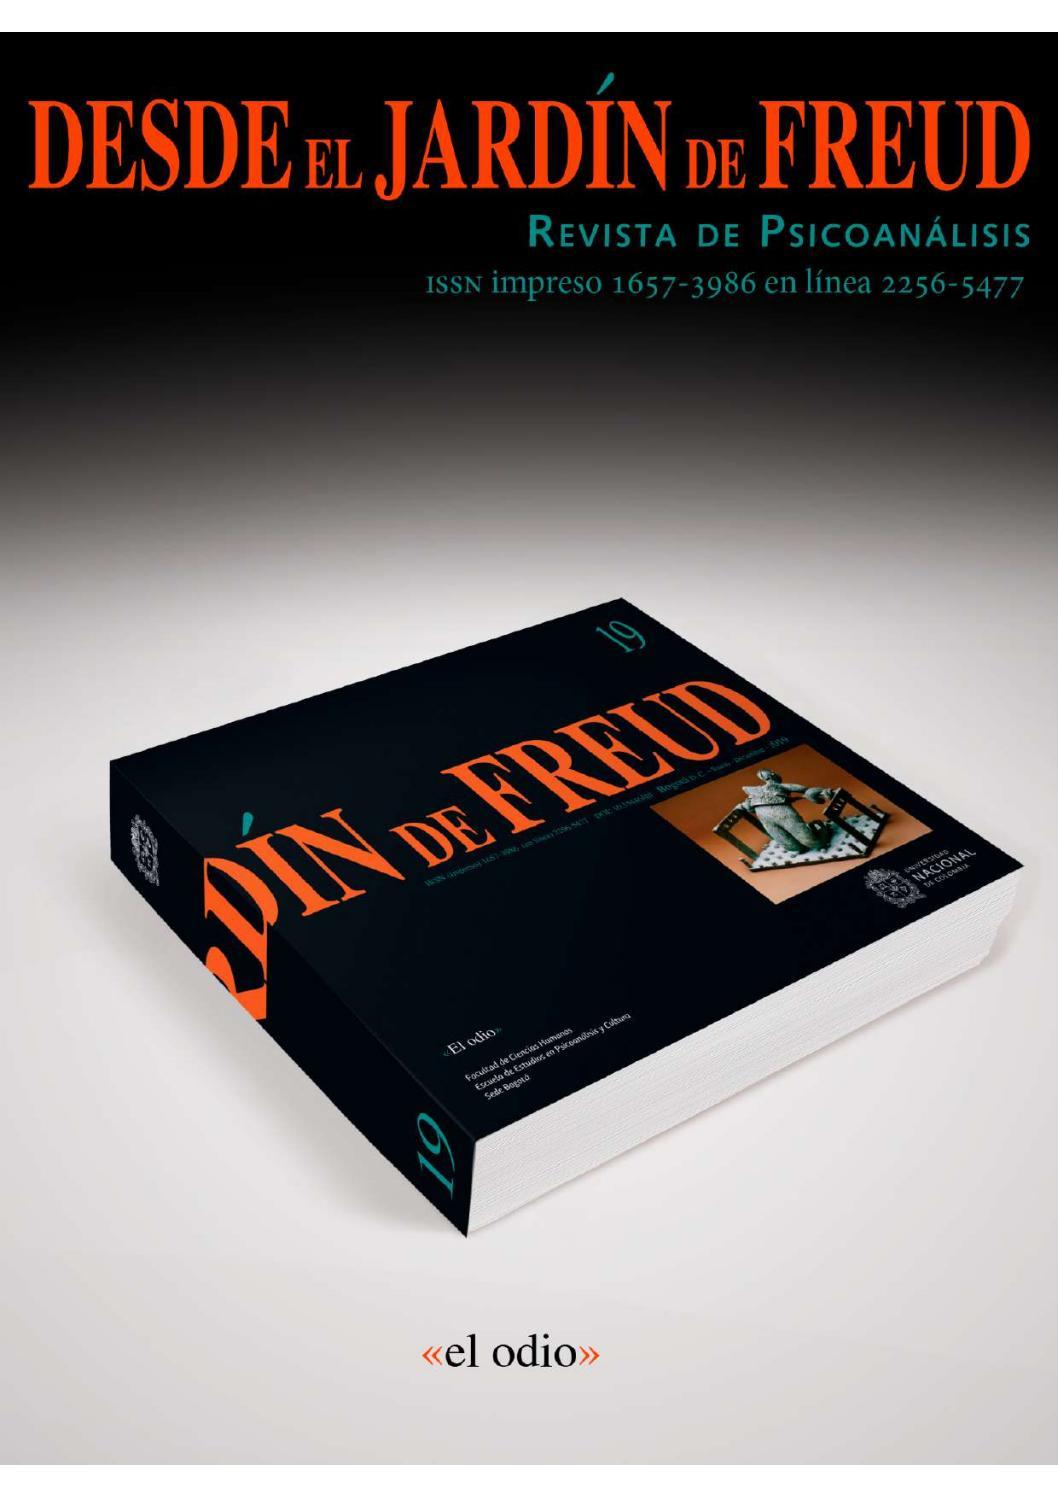 DESDE EL JARDÍN DE FREUD 19 (Revista de Psicoanálisis) by